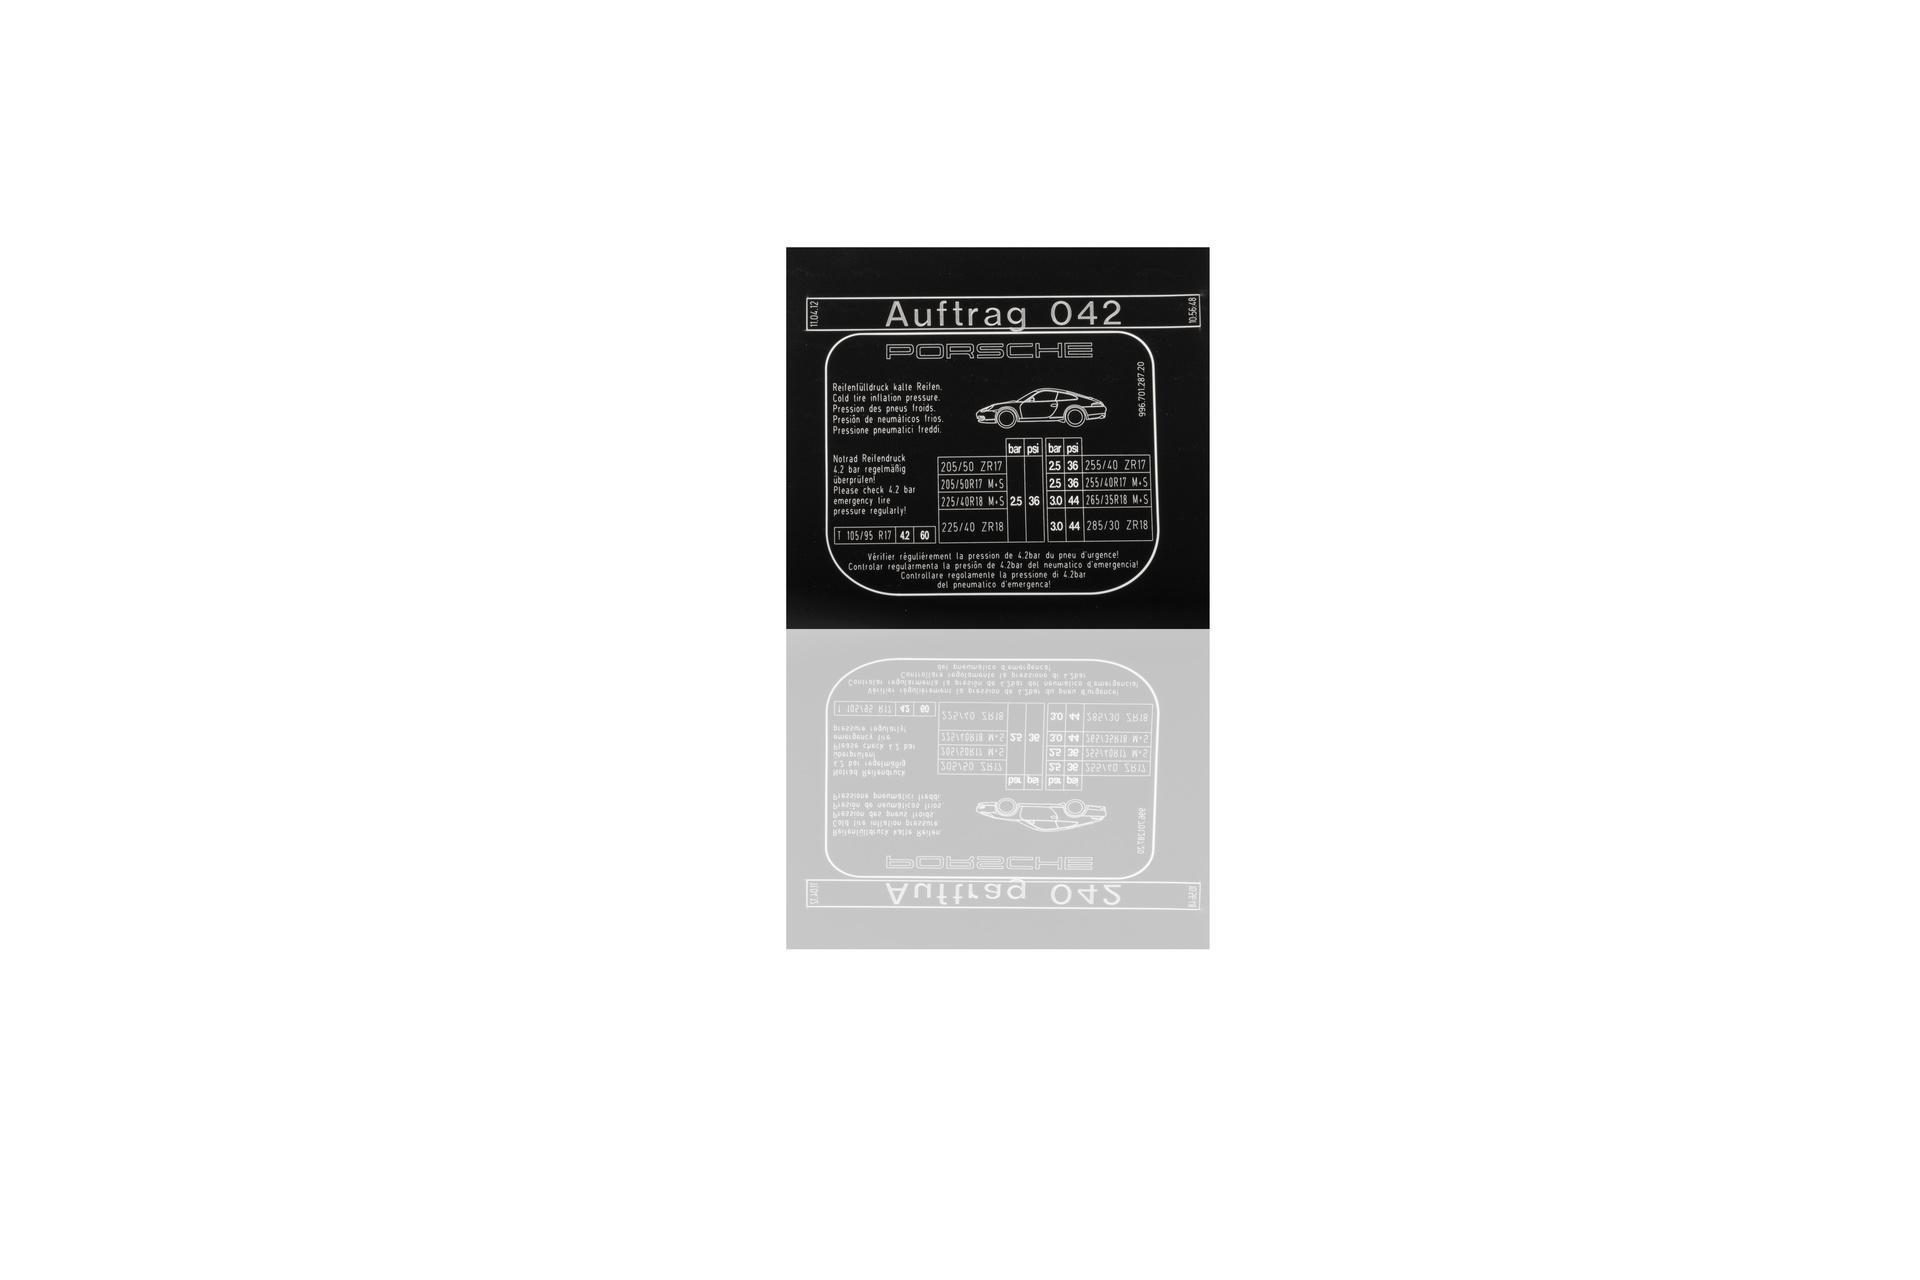 Porsche Classic Parts Explorer - Dr  Ing  h c  F  Porsche AG